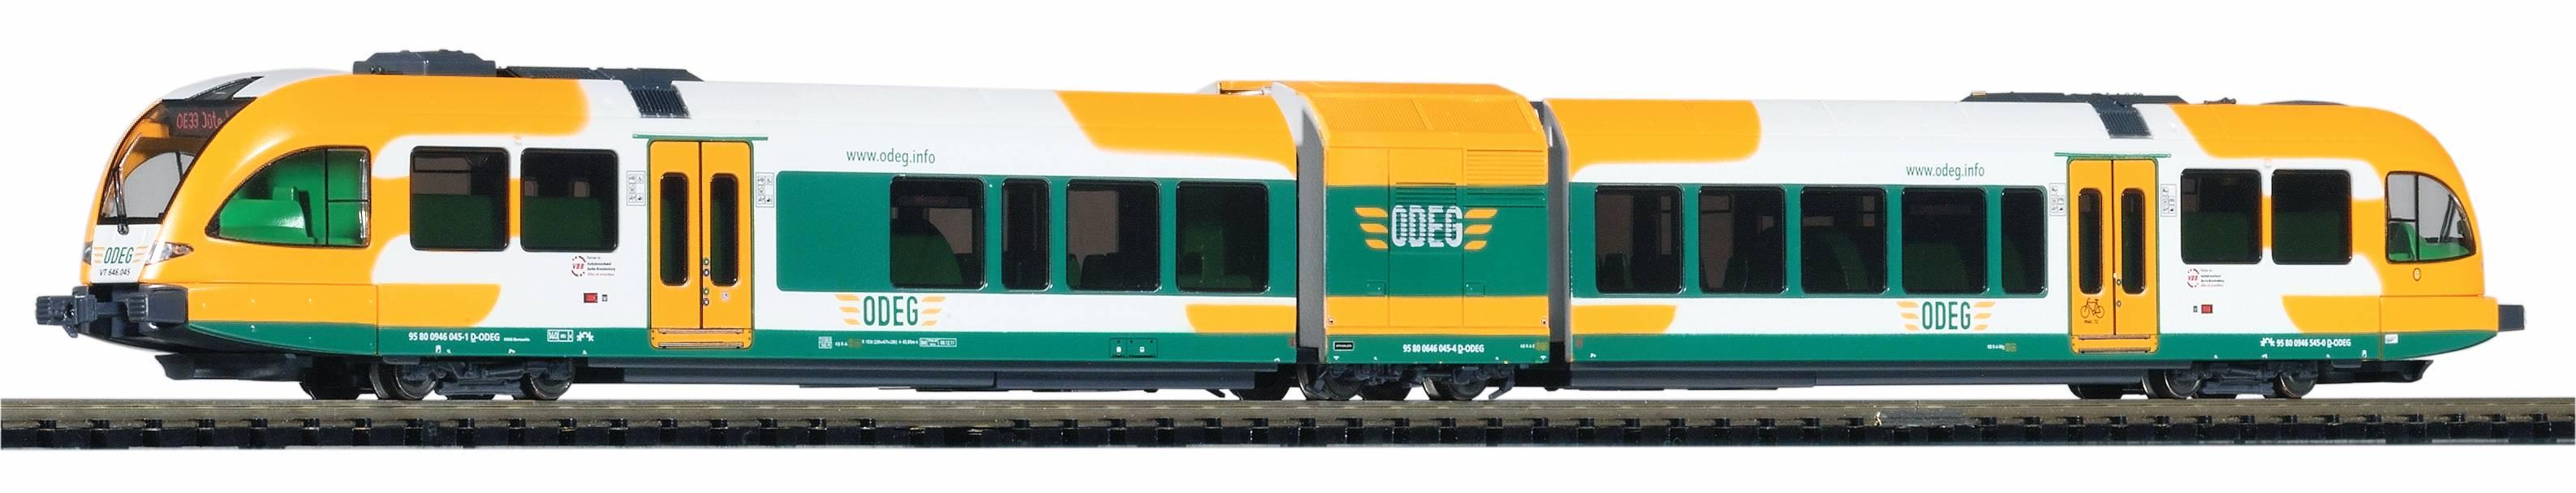 N Scale - Piko - 40235 - Diesel, Stadler GTW 2/6 - ODEG